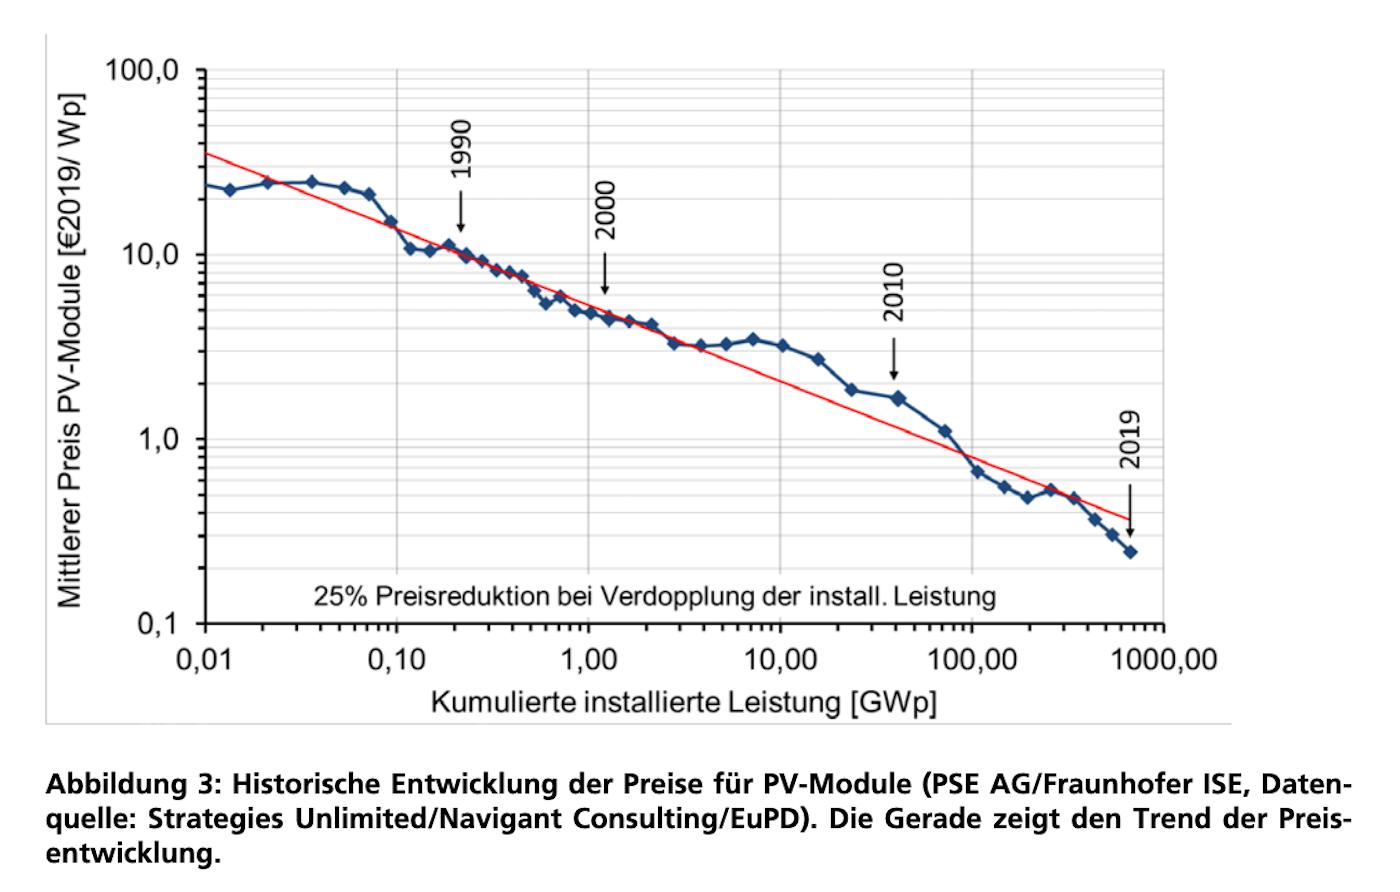 Entwicklung der Preise für Photovoltaikanlagen in Deutschland